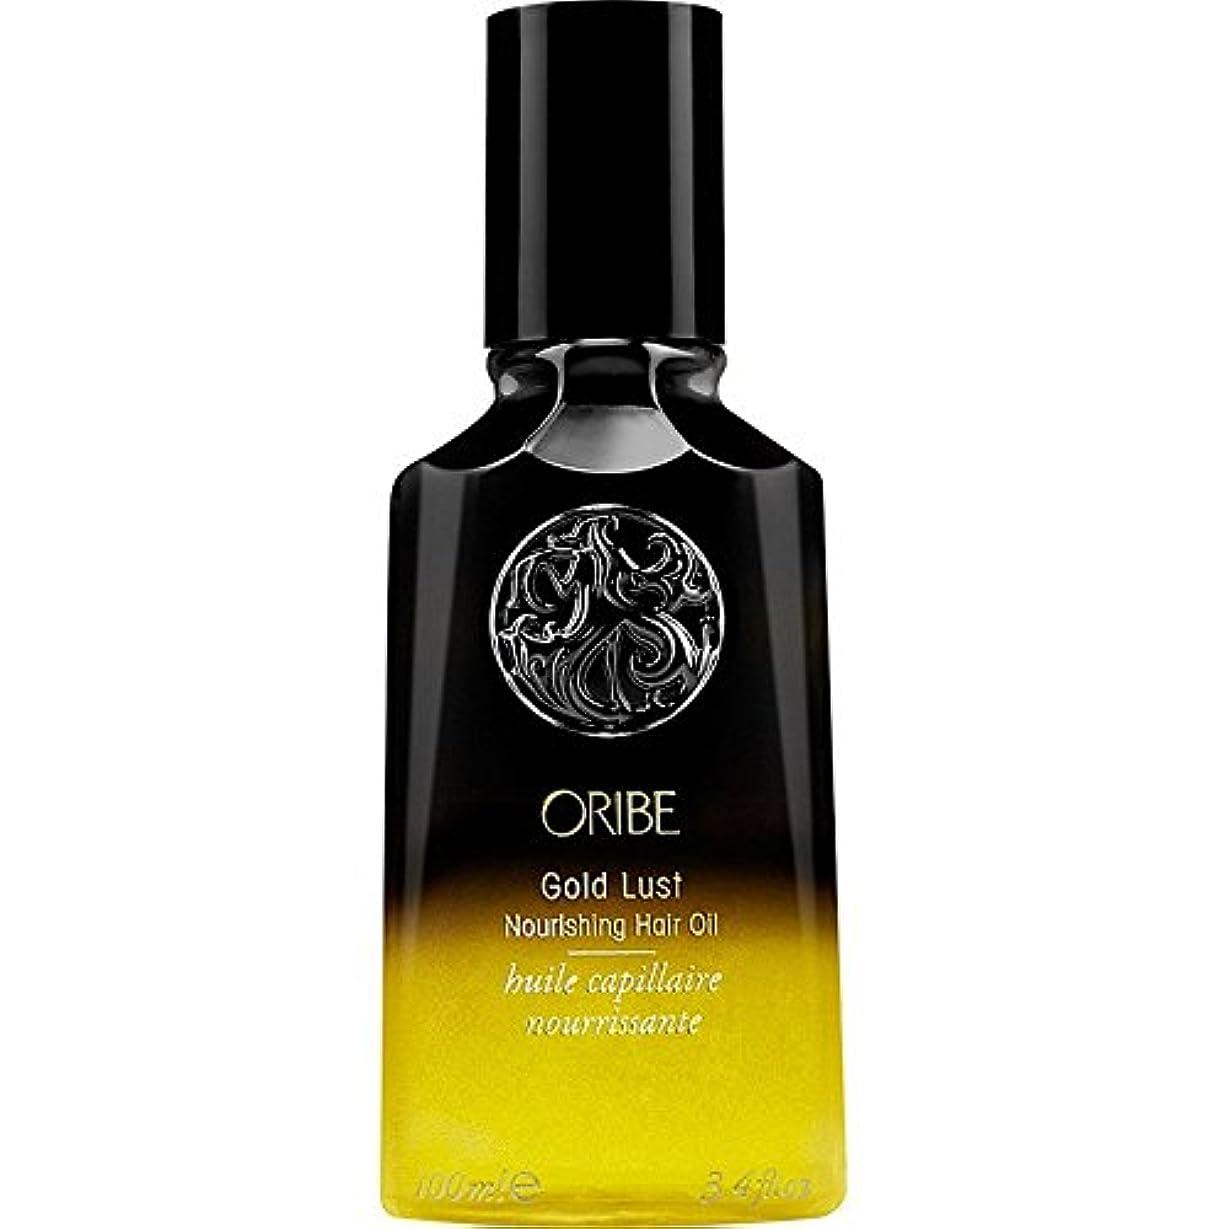 トラップ便宜発明するOribe Gold Lust Nourishing Hair Oil (オリべ ゴールド ラスト ナーリッシング ヘアー オイル) 3.4 oz (100ml)